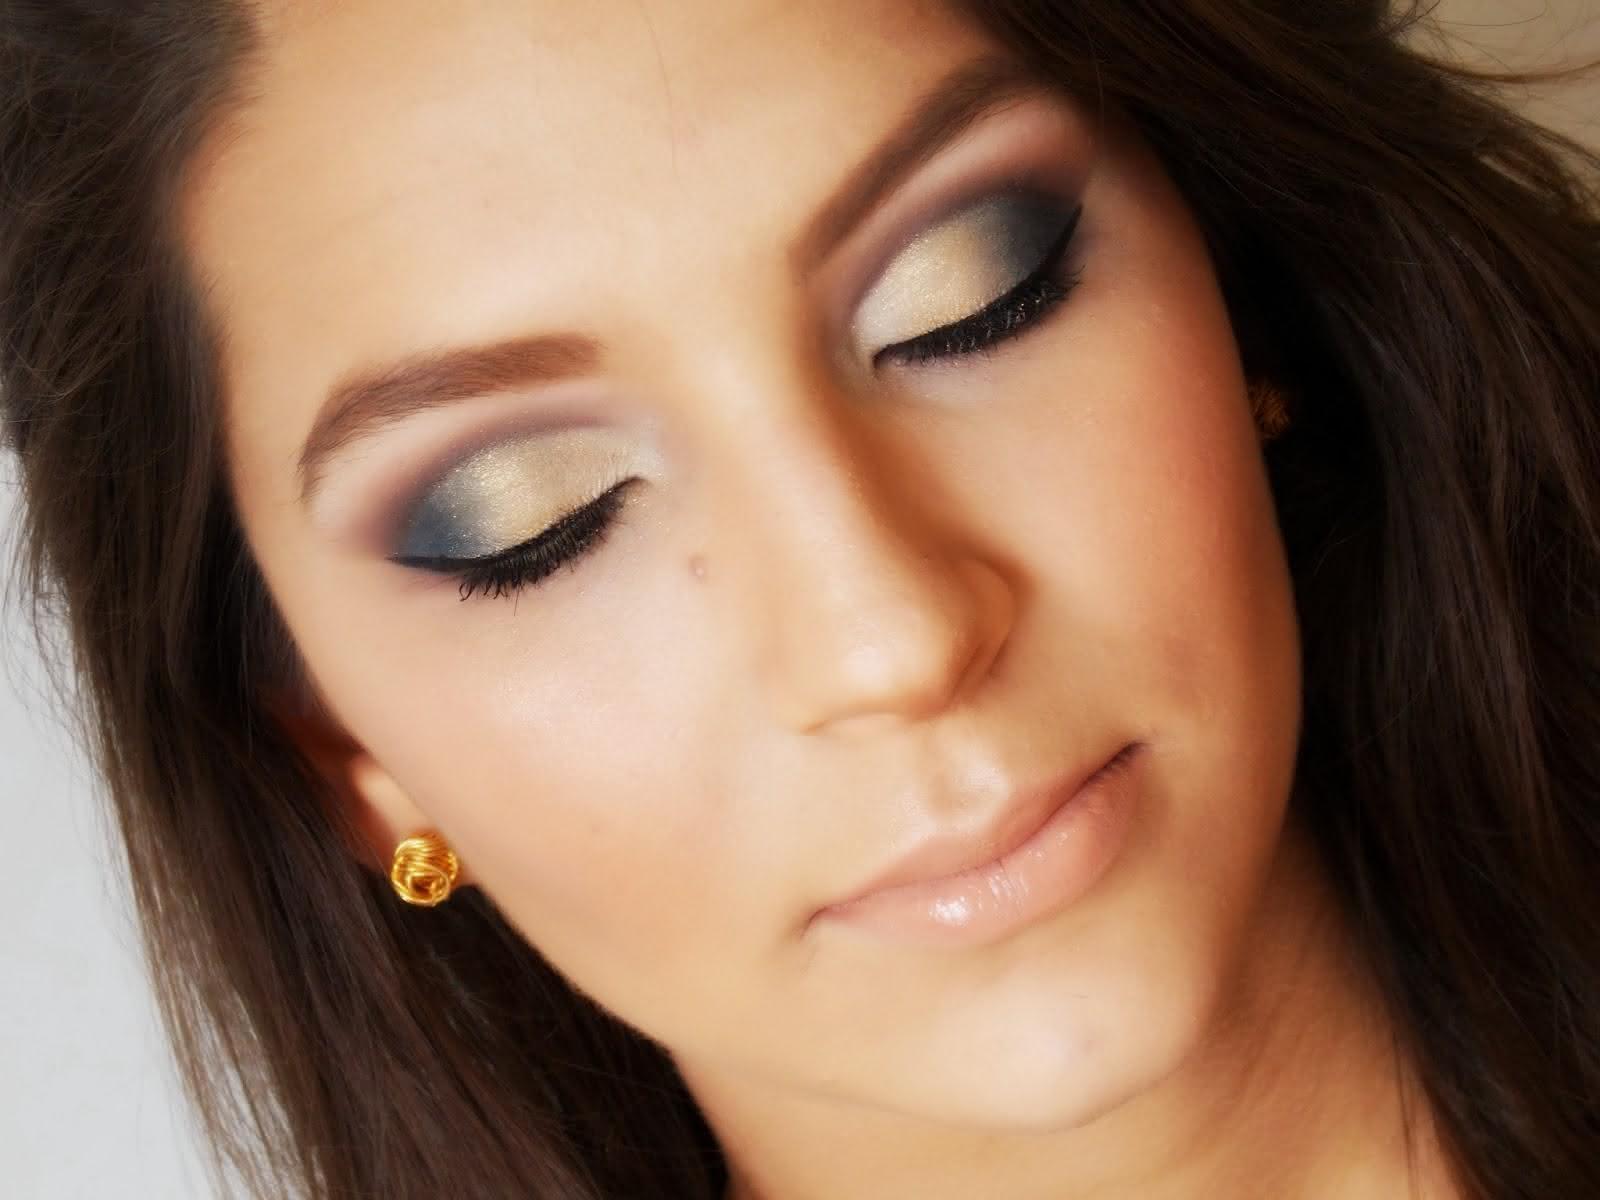 maquiagem-dourada-e-preta